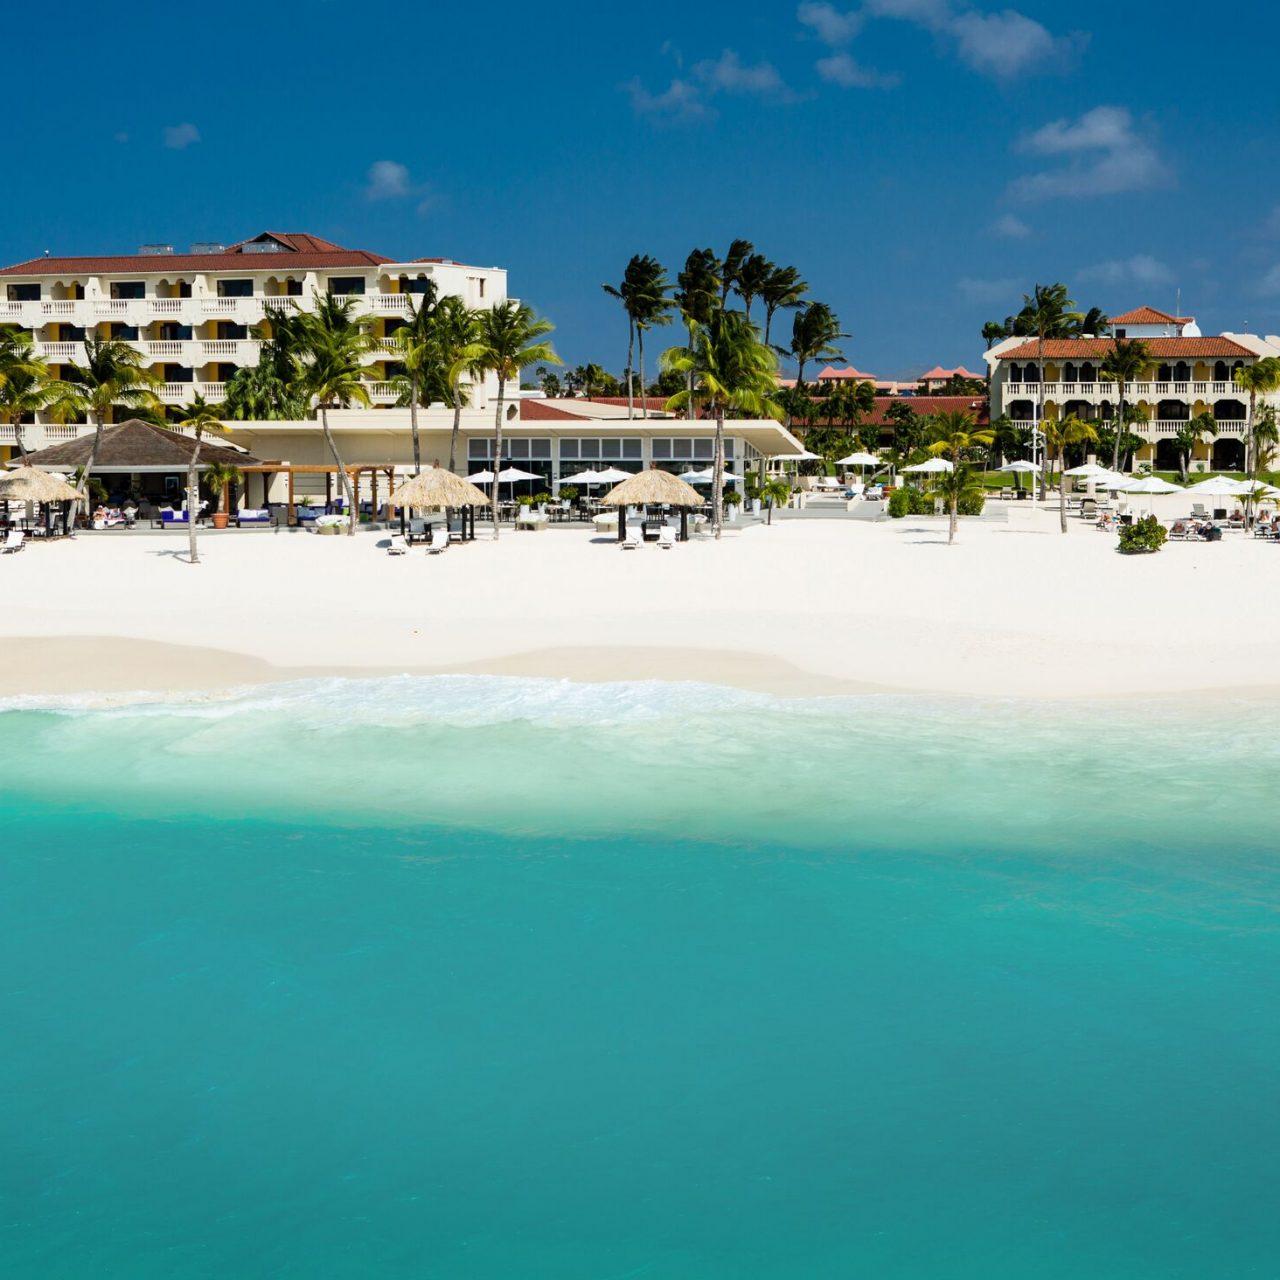 Bucuti & Tara Beach Resort recibe el Premio Acción Climática del WTTC